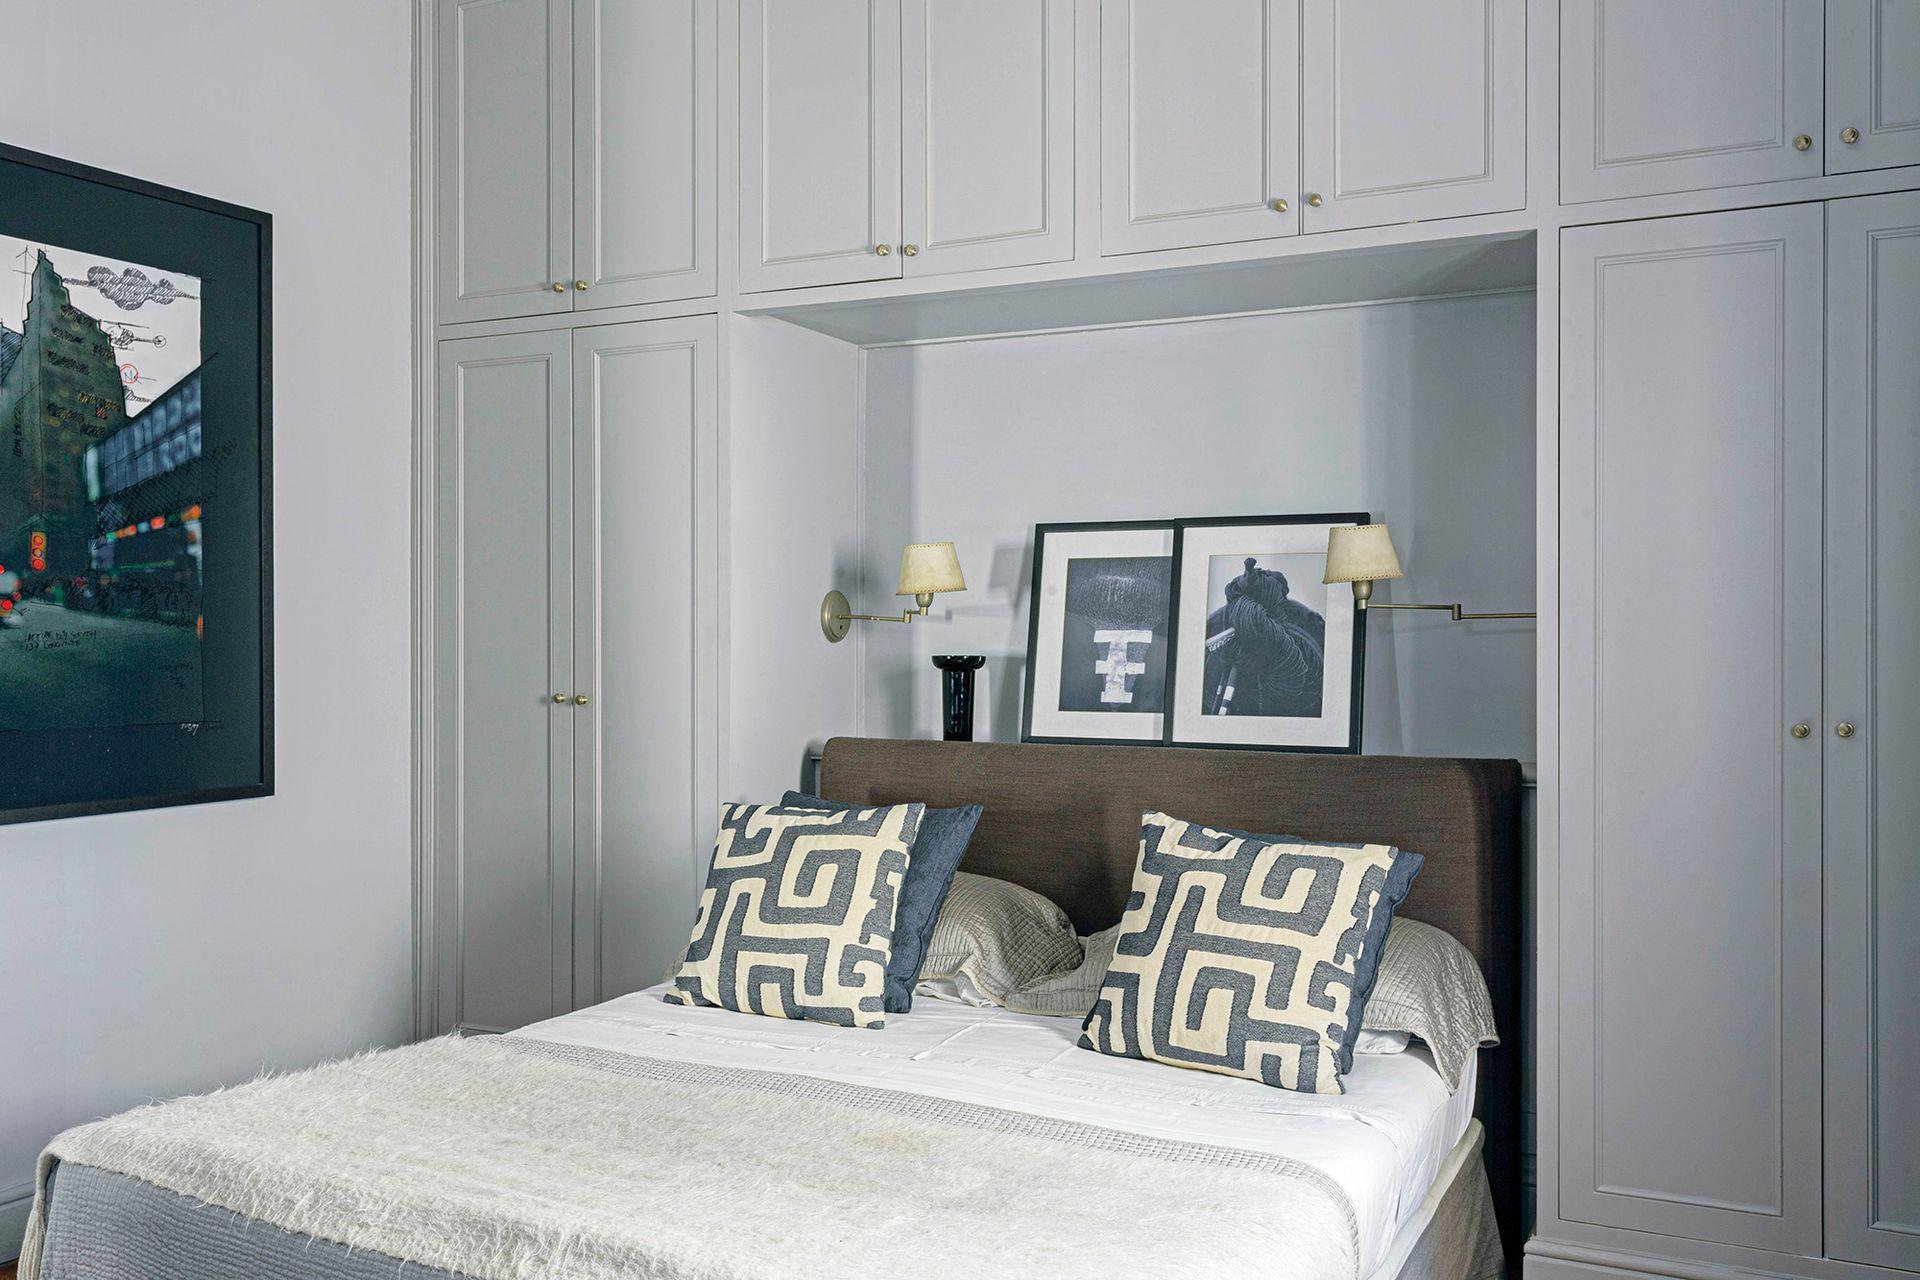 El cuarto de huéspedes se trabajó en grises y azules. Se armó un ropero donde empotrar la cama, con estante de apoyo detrás de la cabecera tapizada en lino (De Levie).